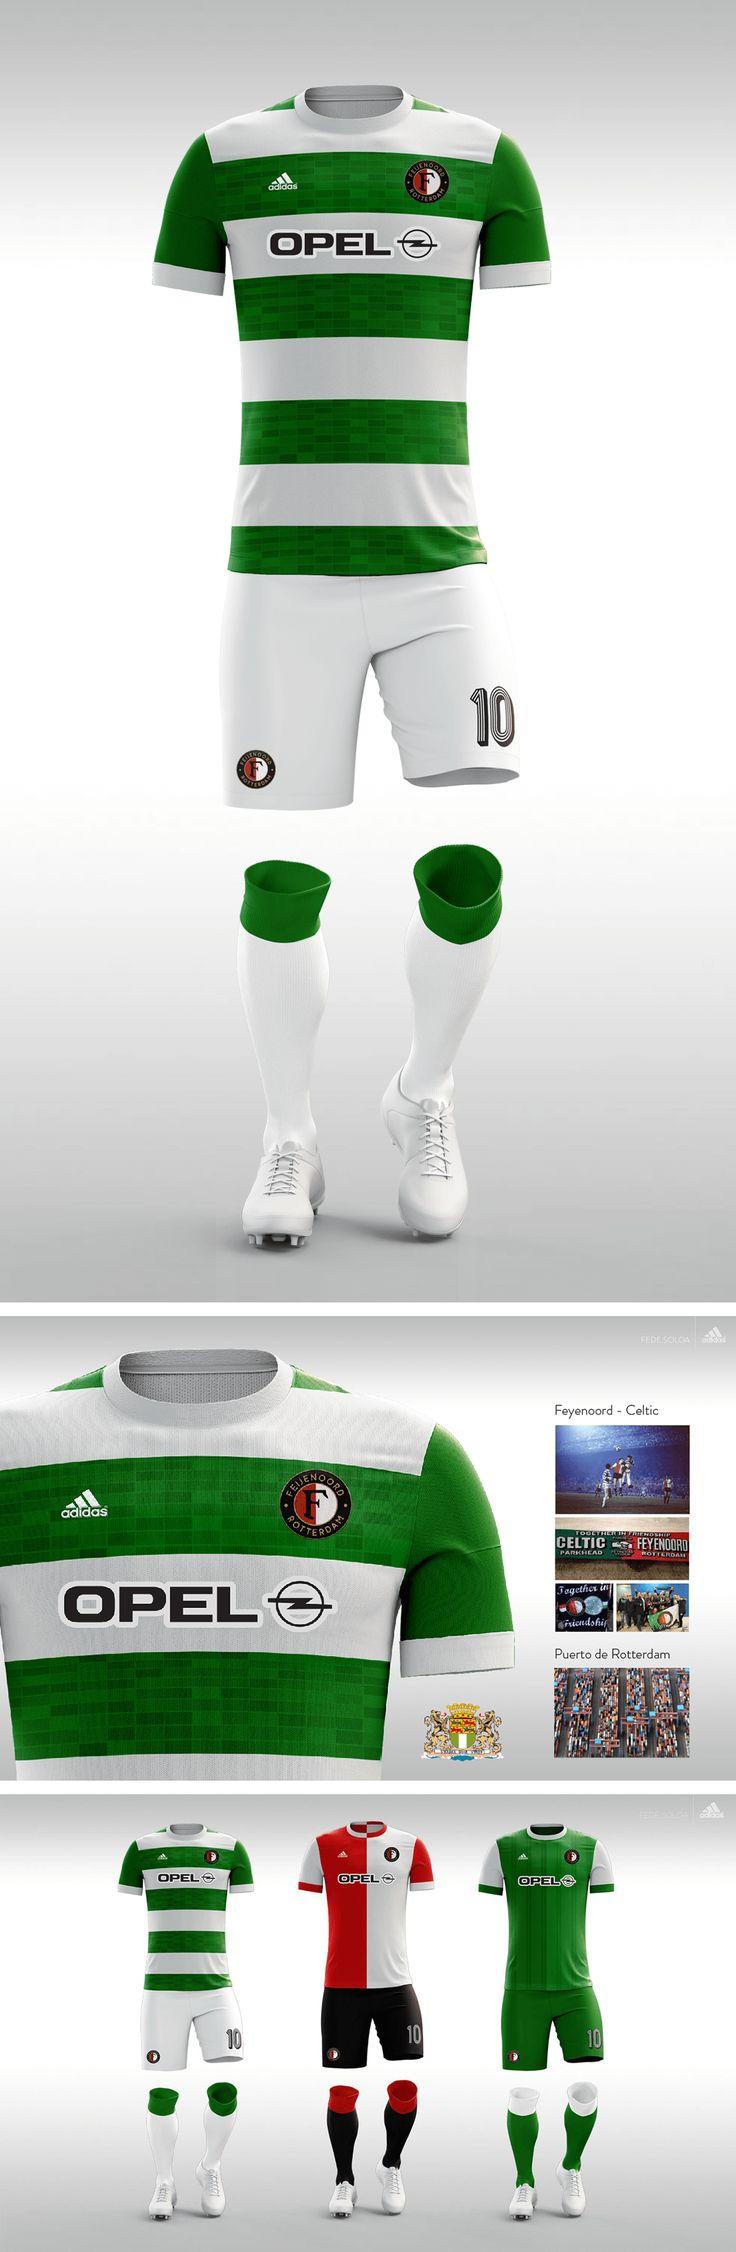 FEYENOORD. Proyecto camisetas de fantasía. #Jersey #Feyenoord #adidas #eredivisie #futbol #soccer #football #fantasy